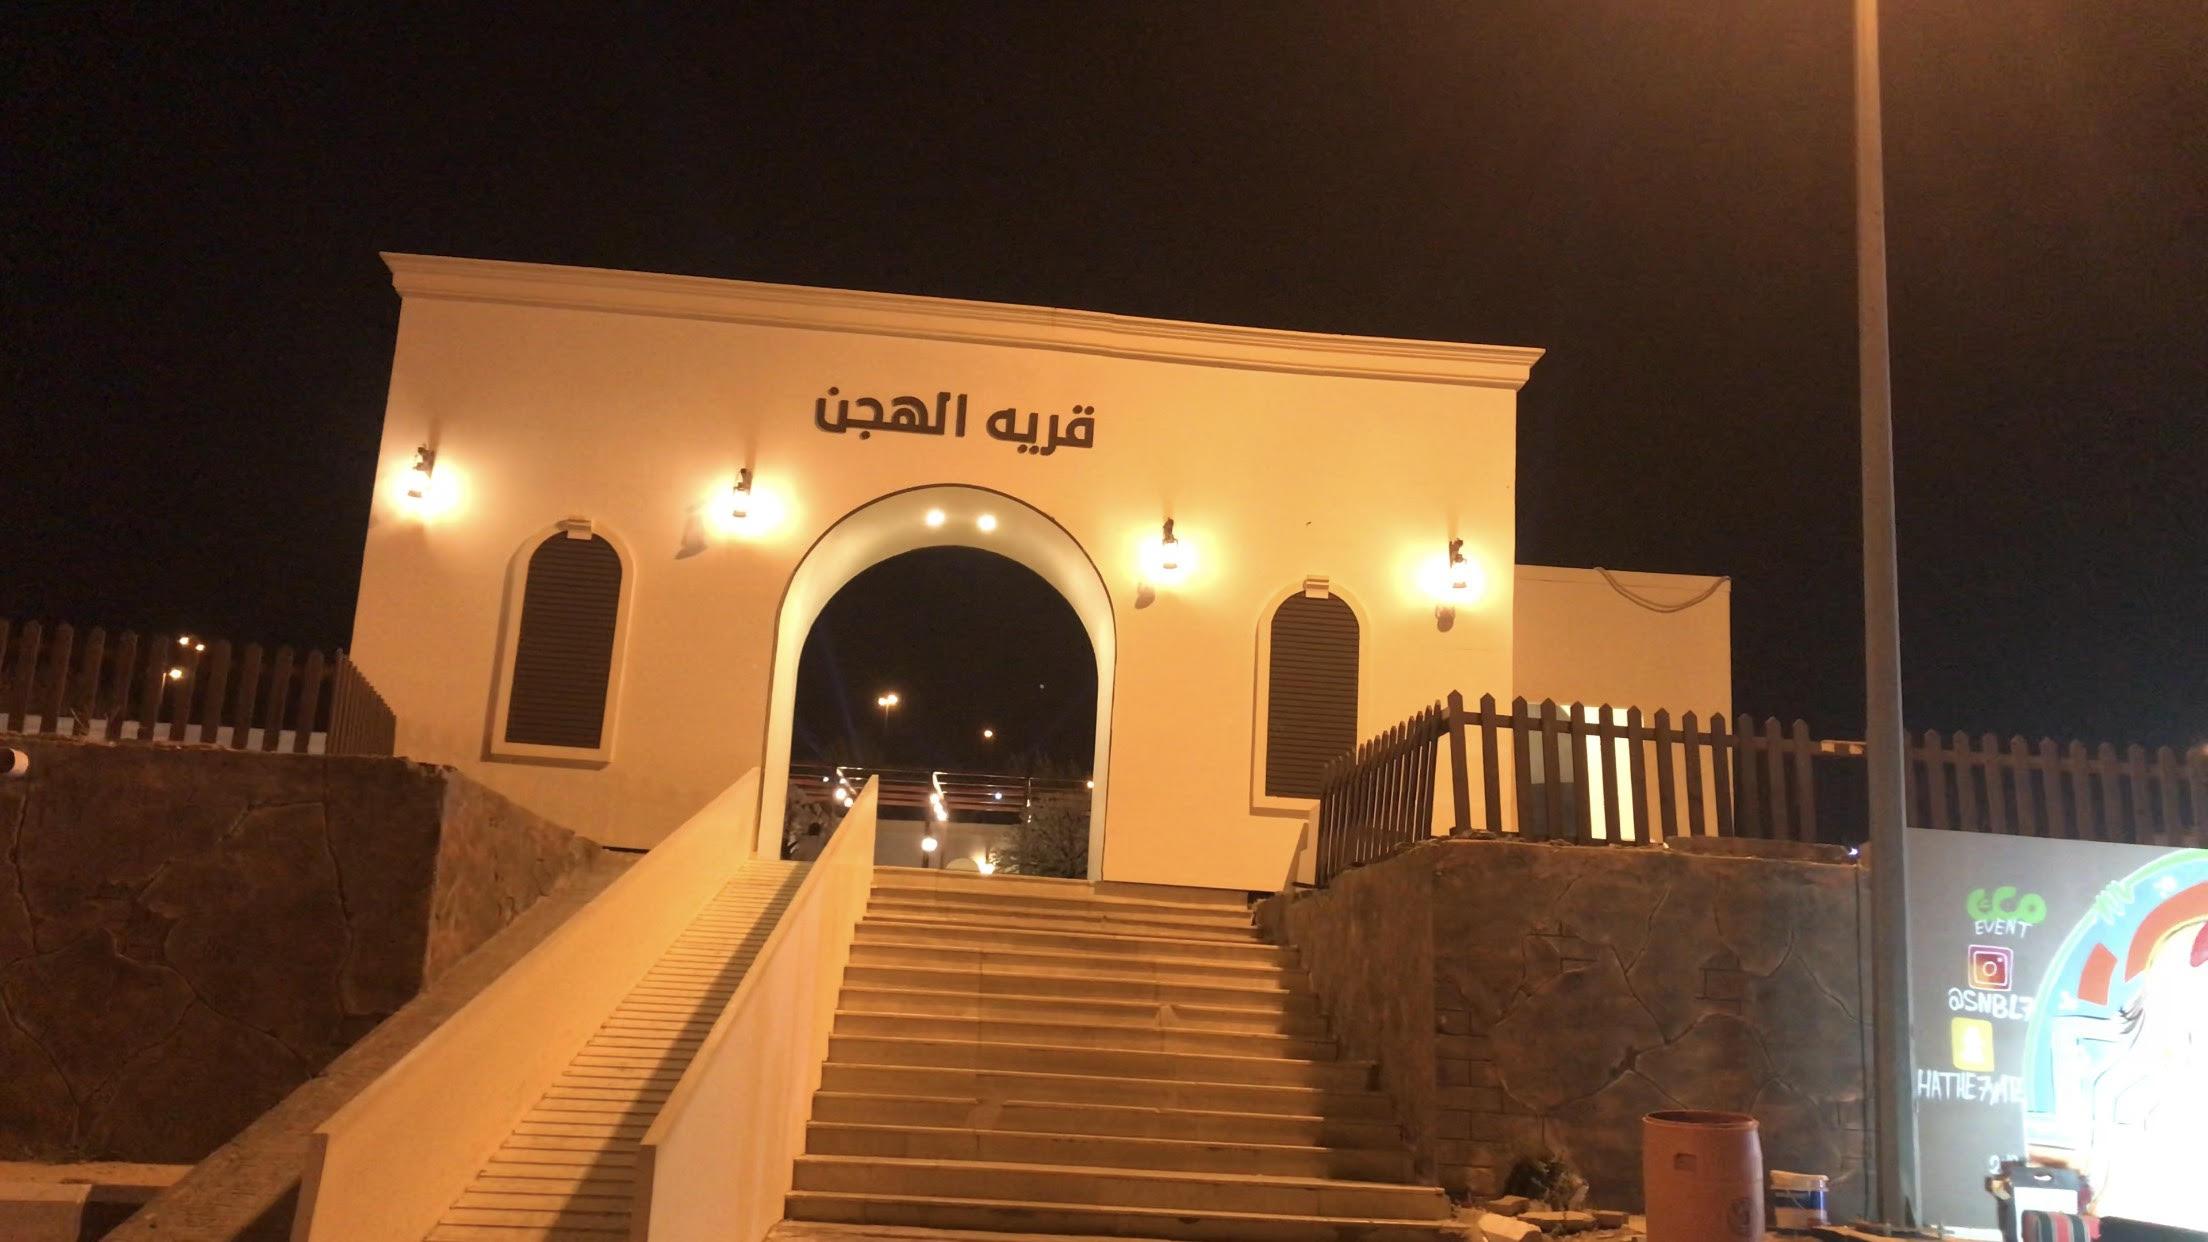 استعراضات ليلية بالإبل لإسعاد الأطفال والأسر فى السعودية (2)